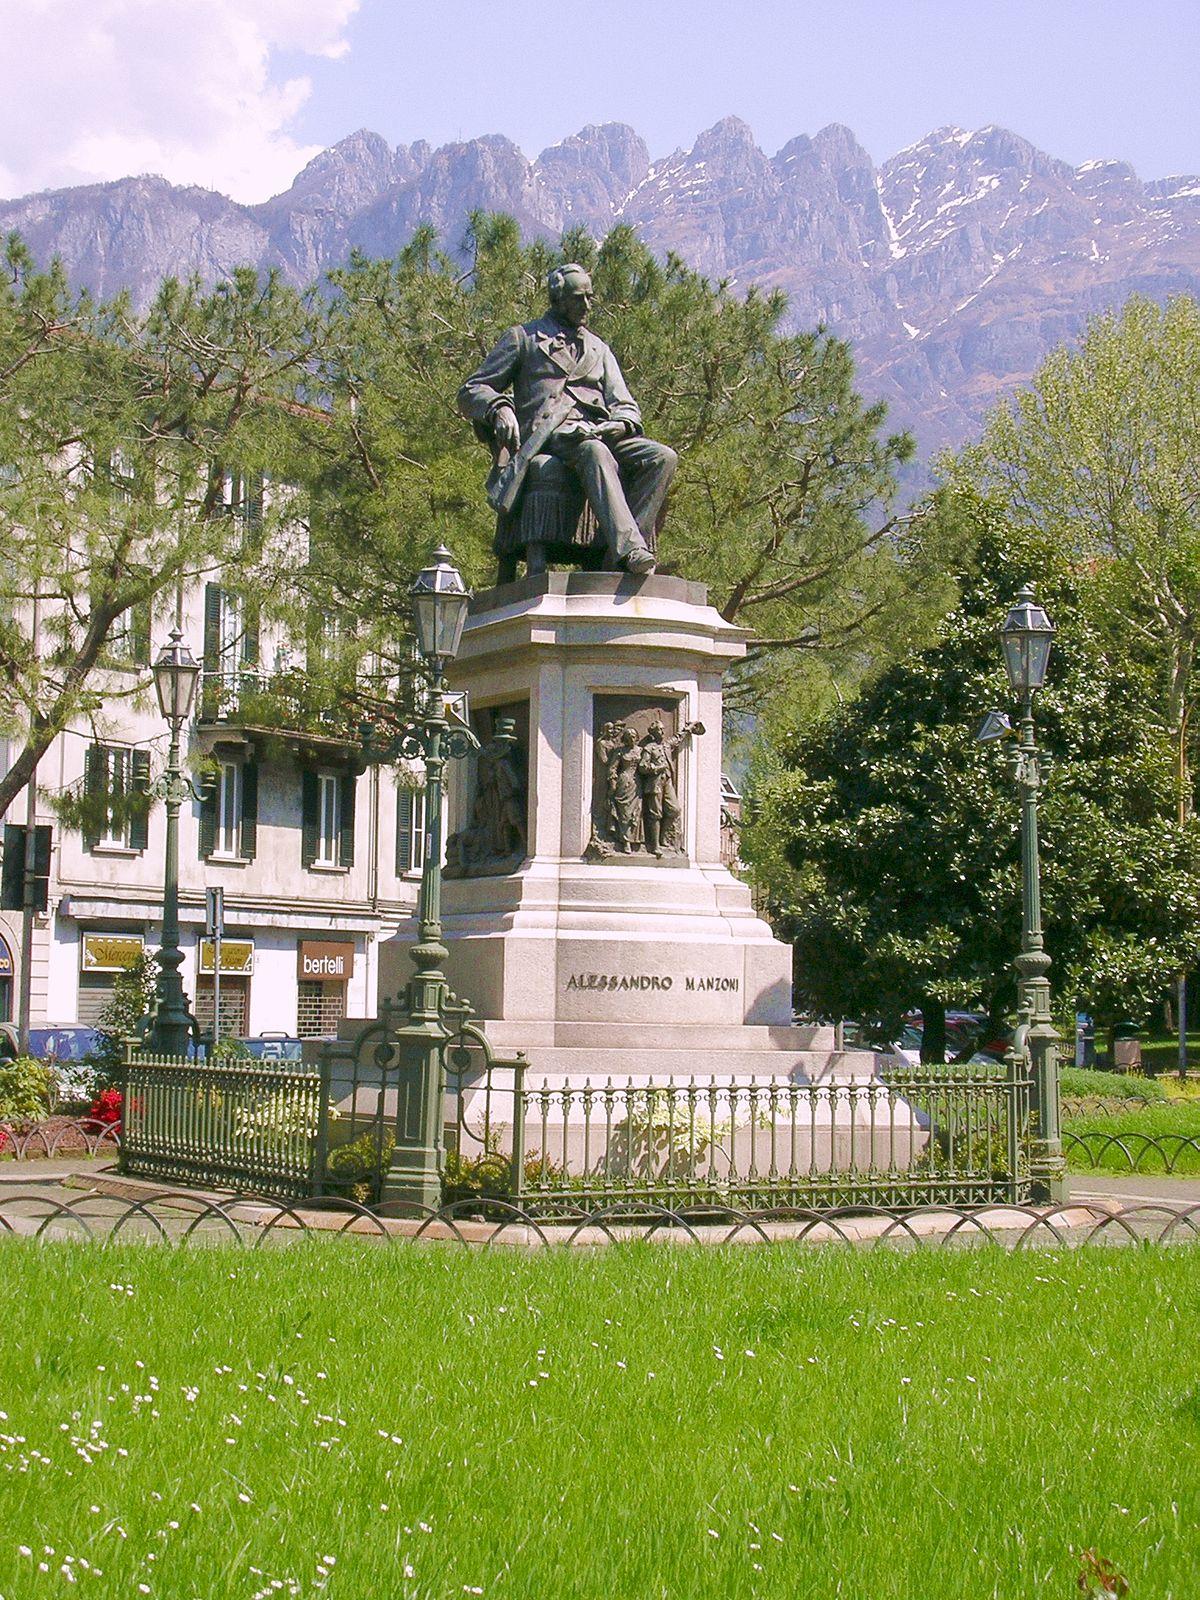 Monumento ad Alessandro Manzoni Lecco  Wikipedia